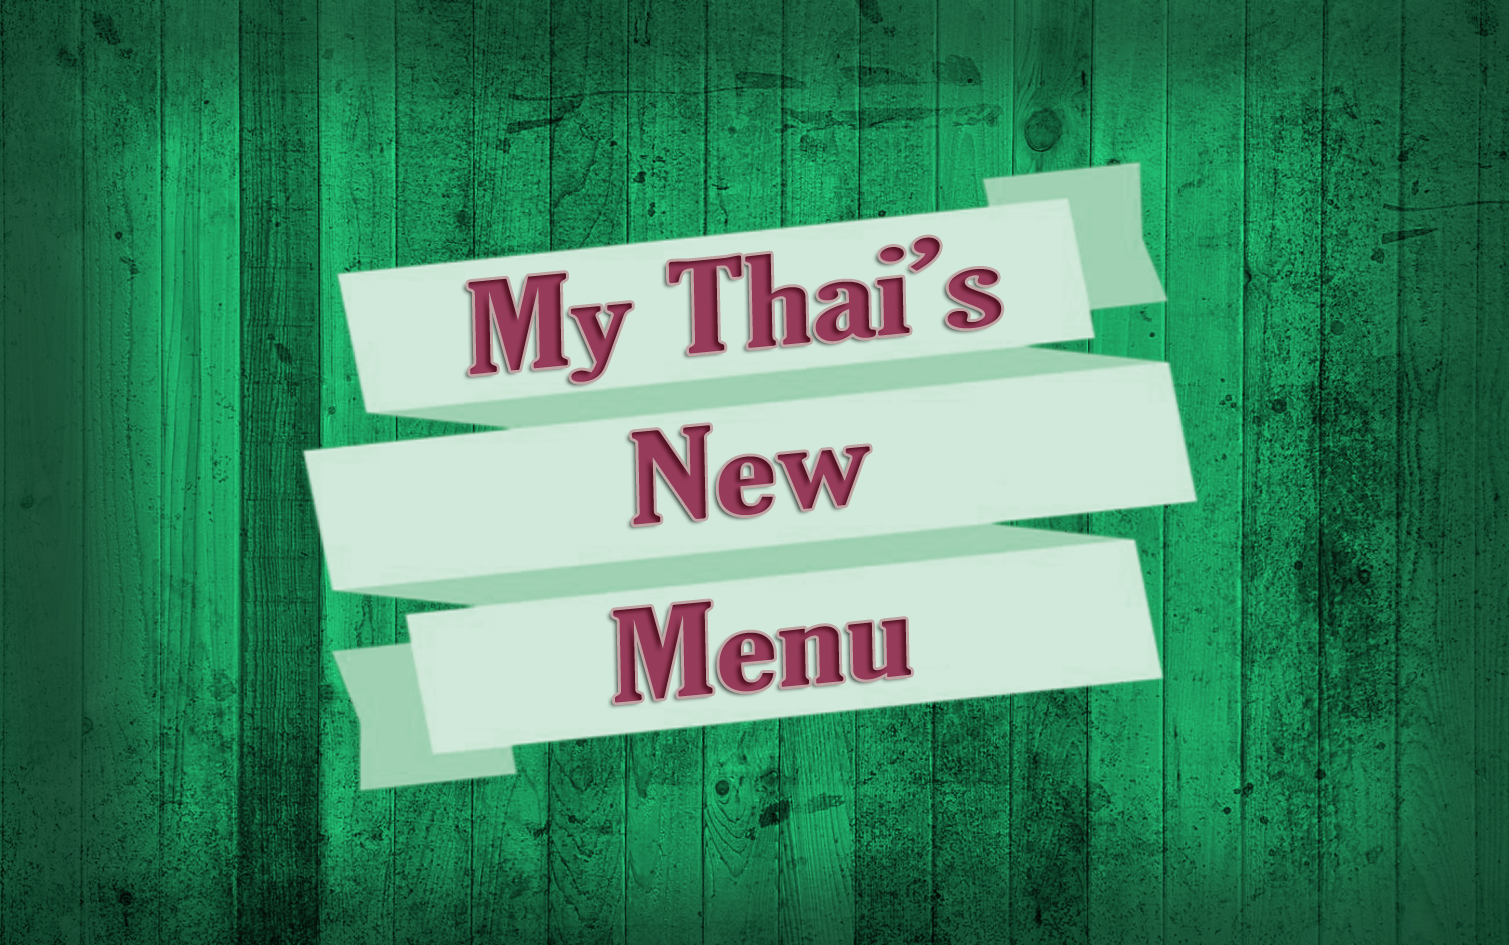 My Thai's New Menu